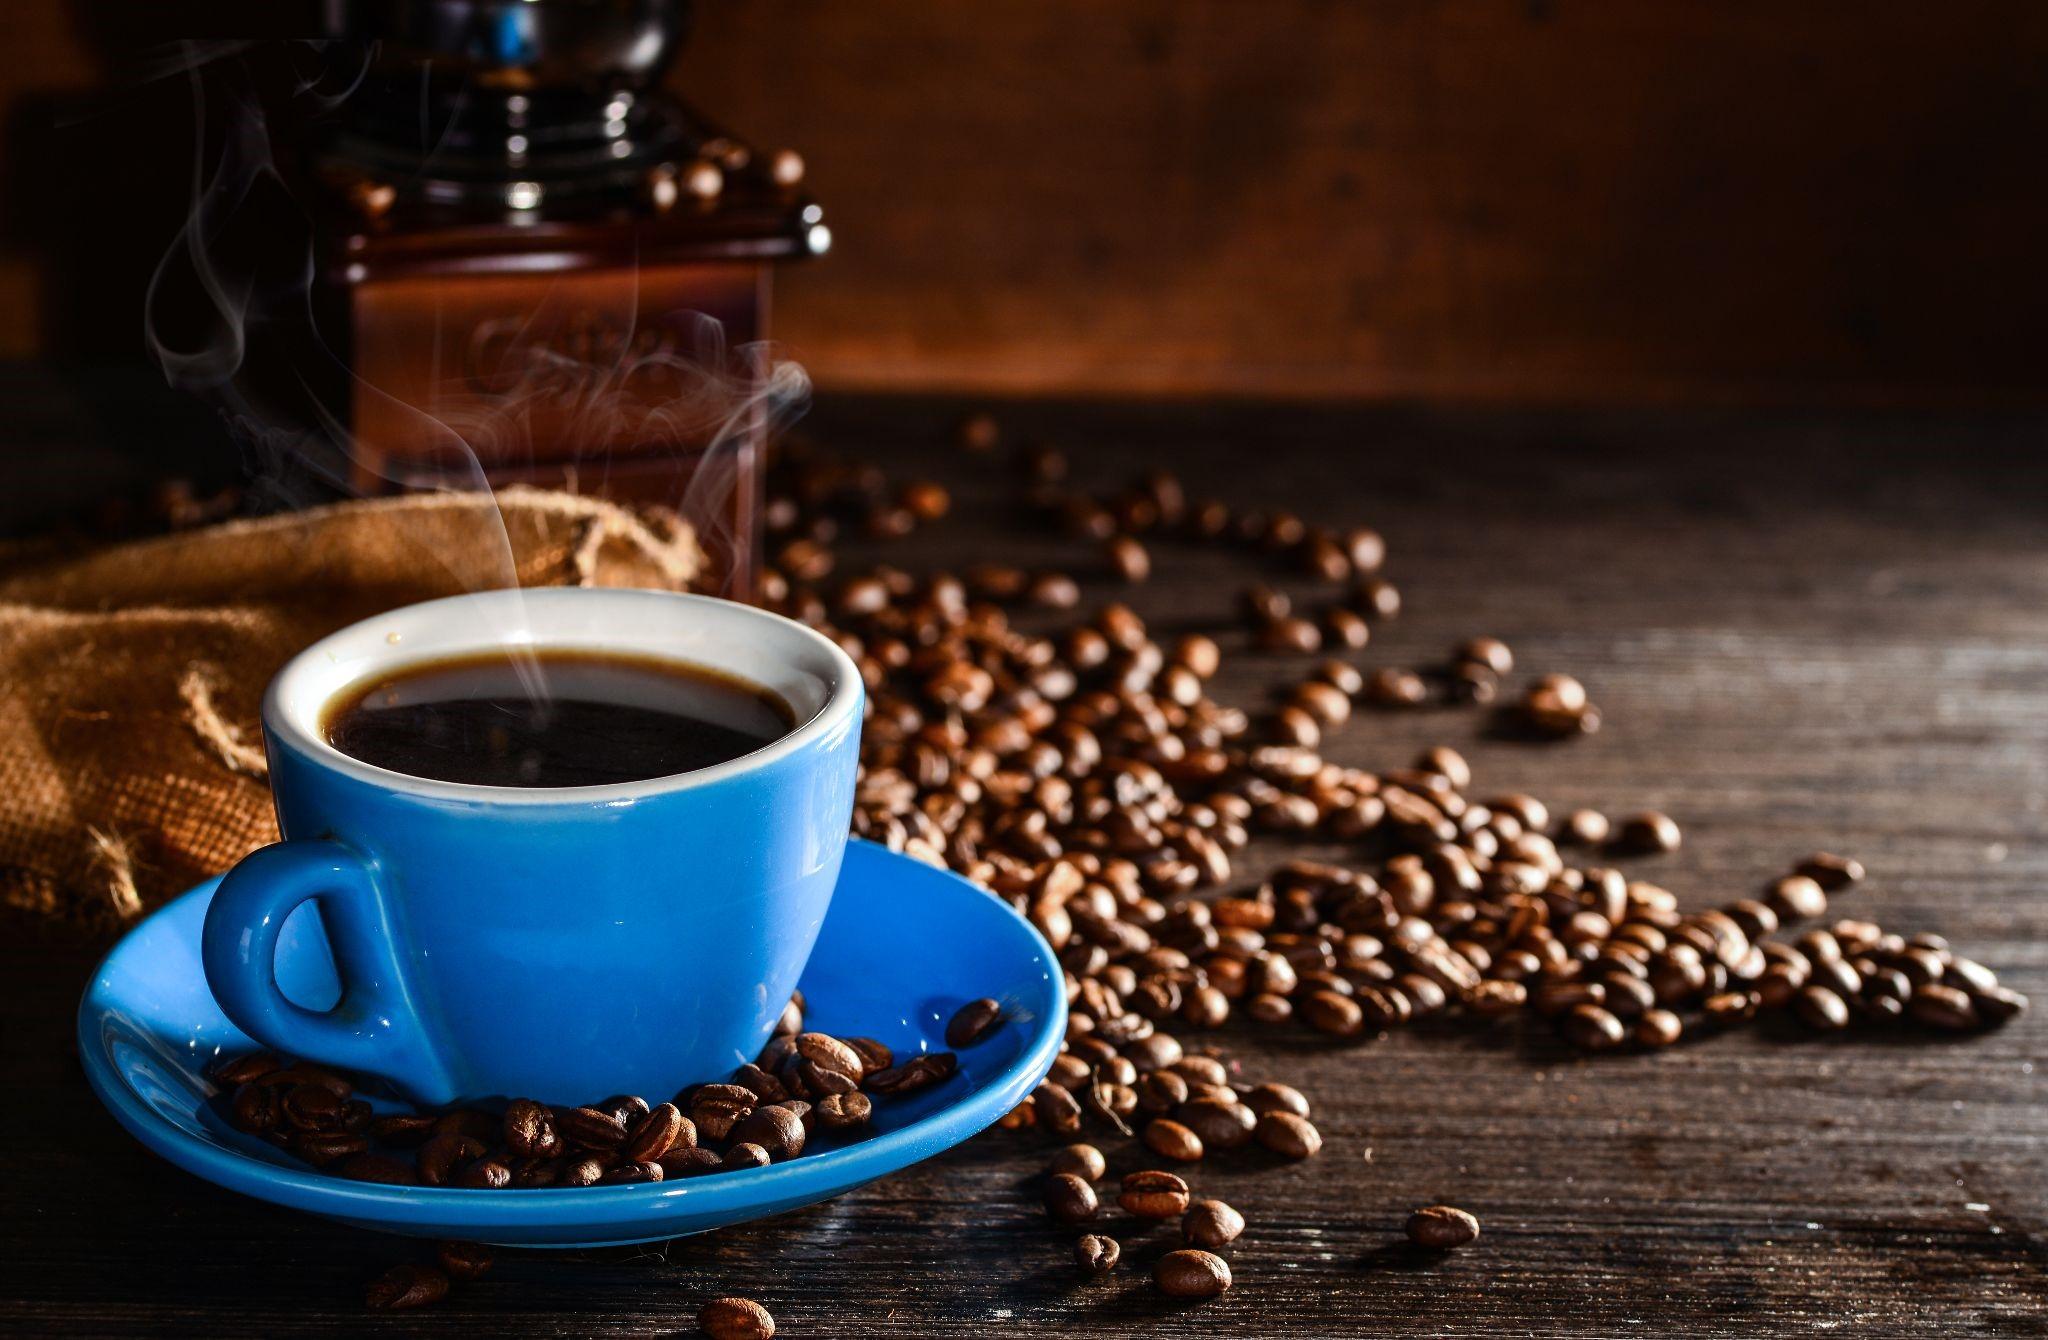 Cum poți prepara cea mai bună cafea?